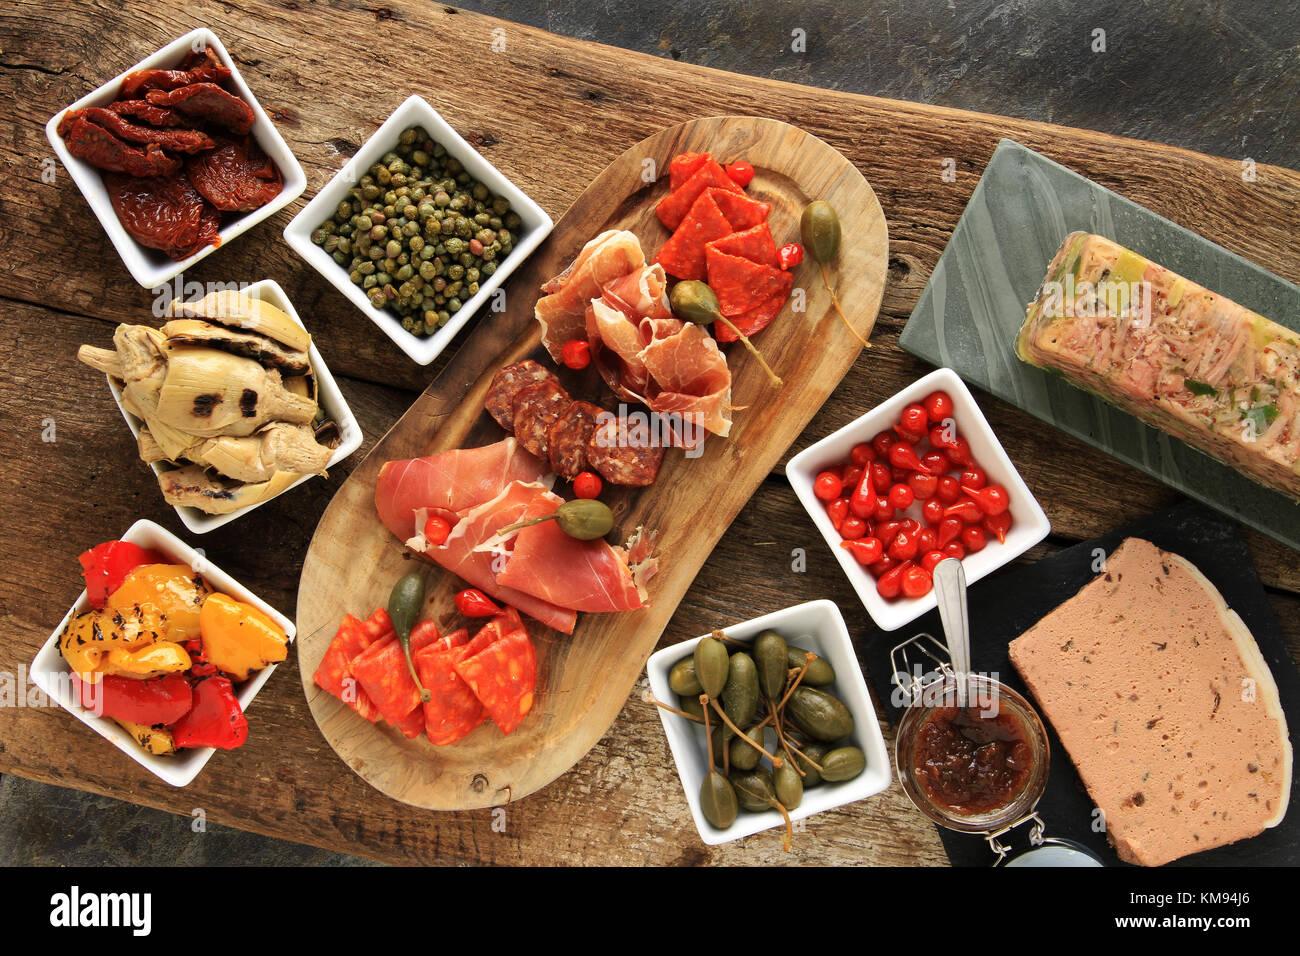 Antipasti Antipasto Antipasta Platter Stock Photo Alamy